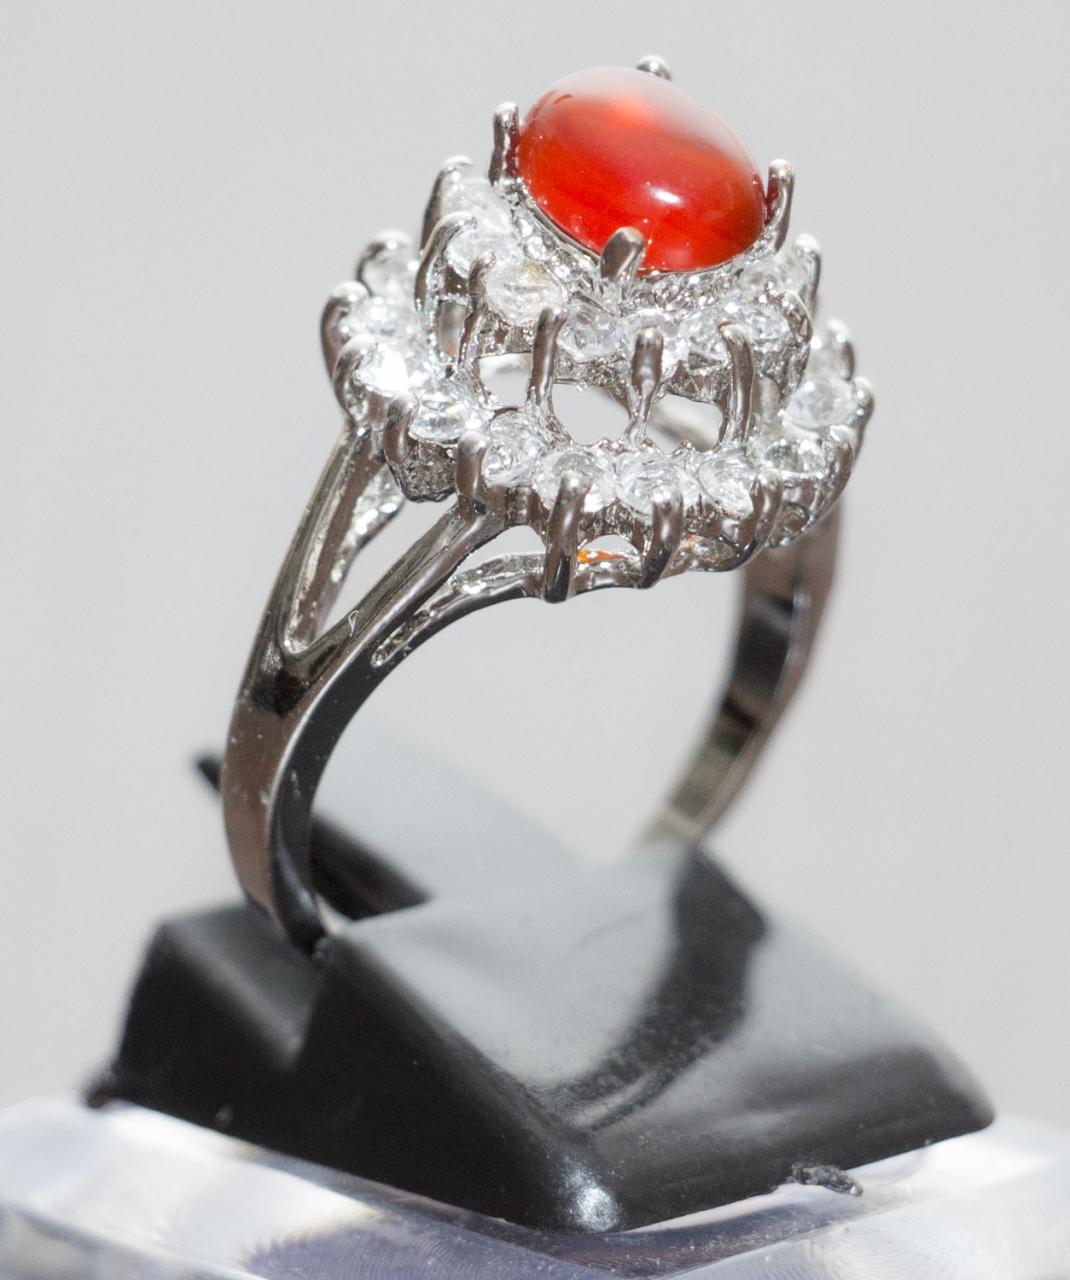 Aqiq Khorasani versilberter Damen Ring - Original Stein